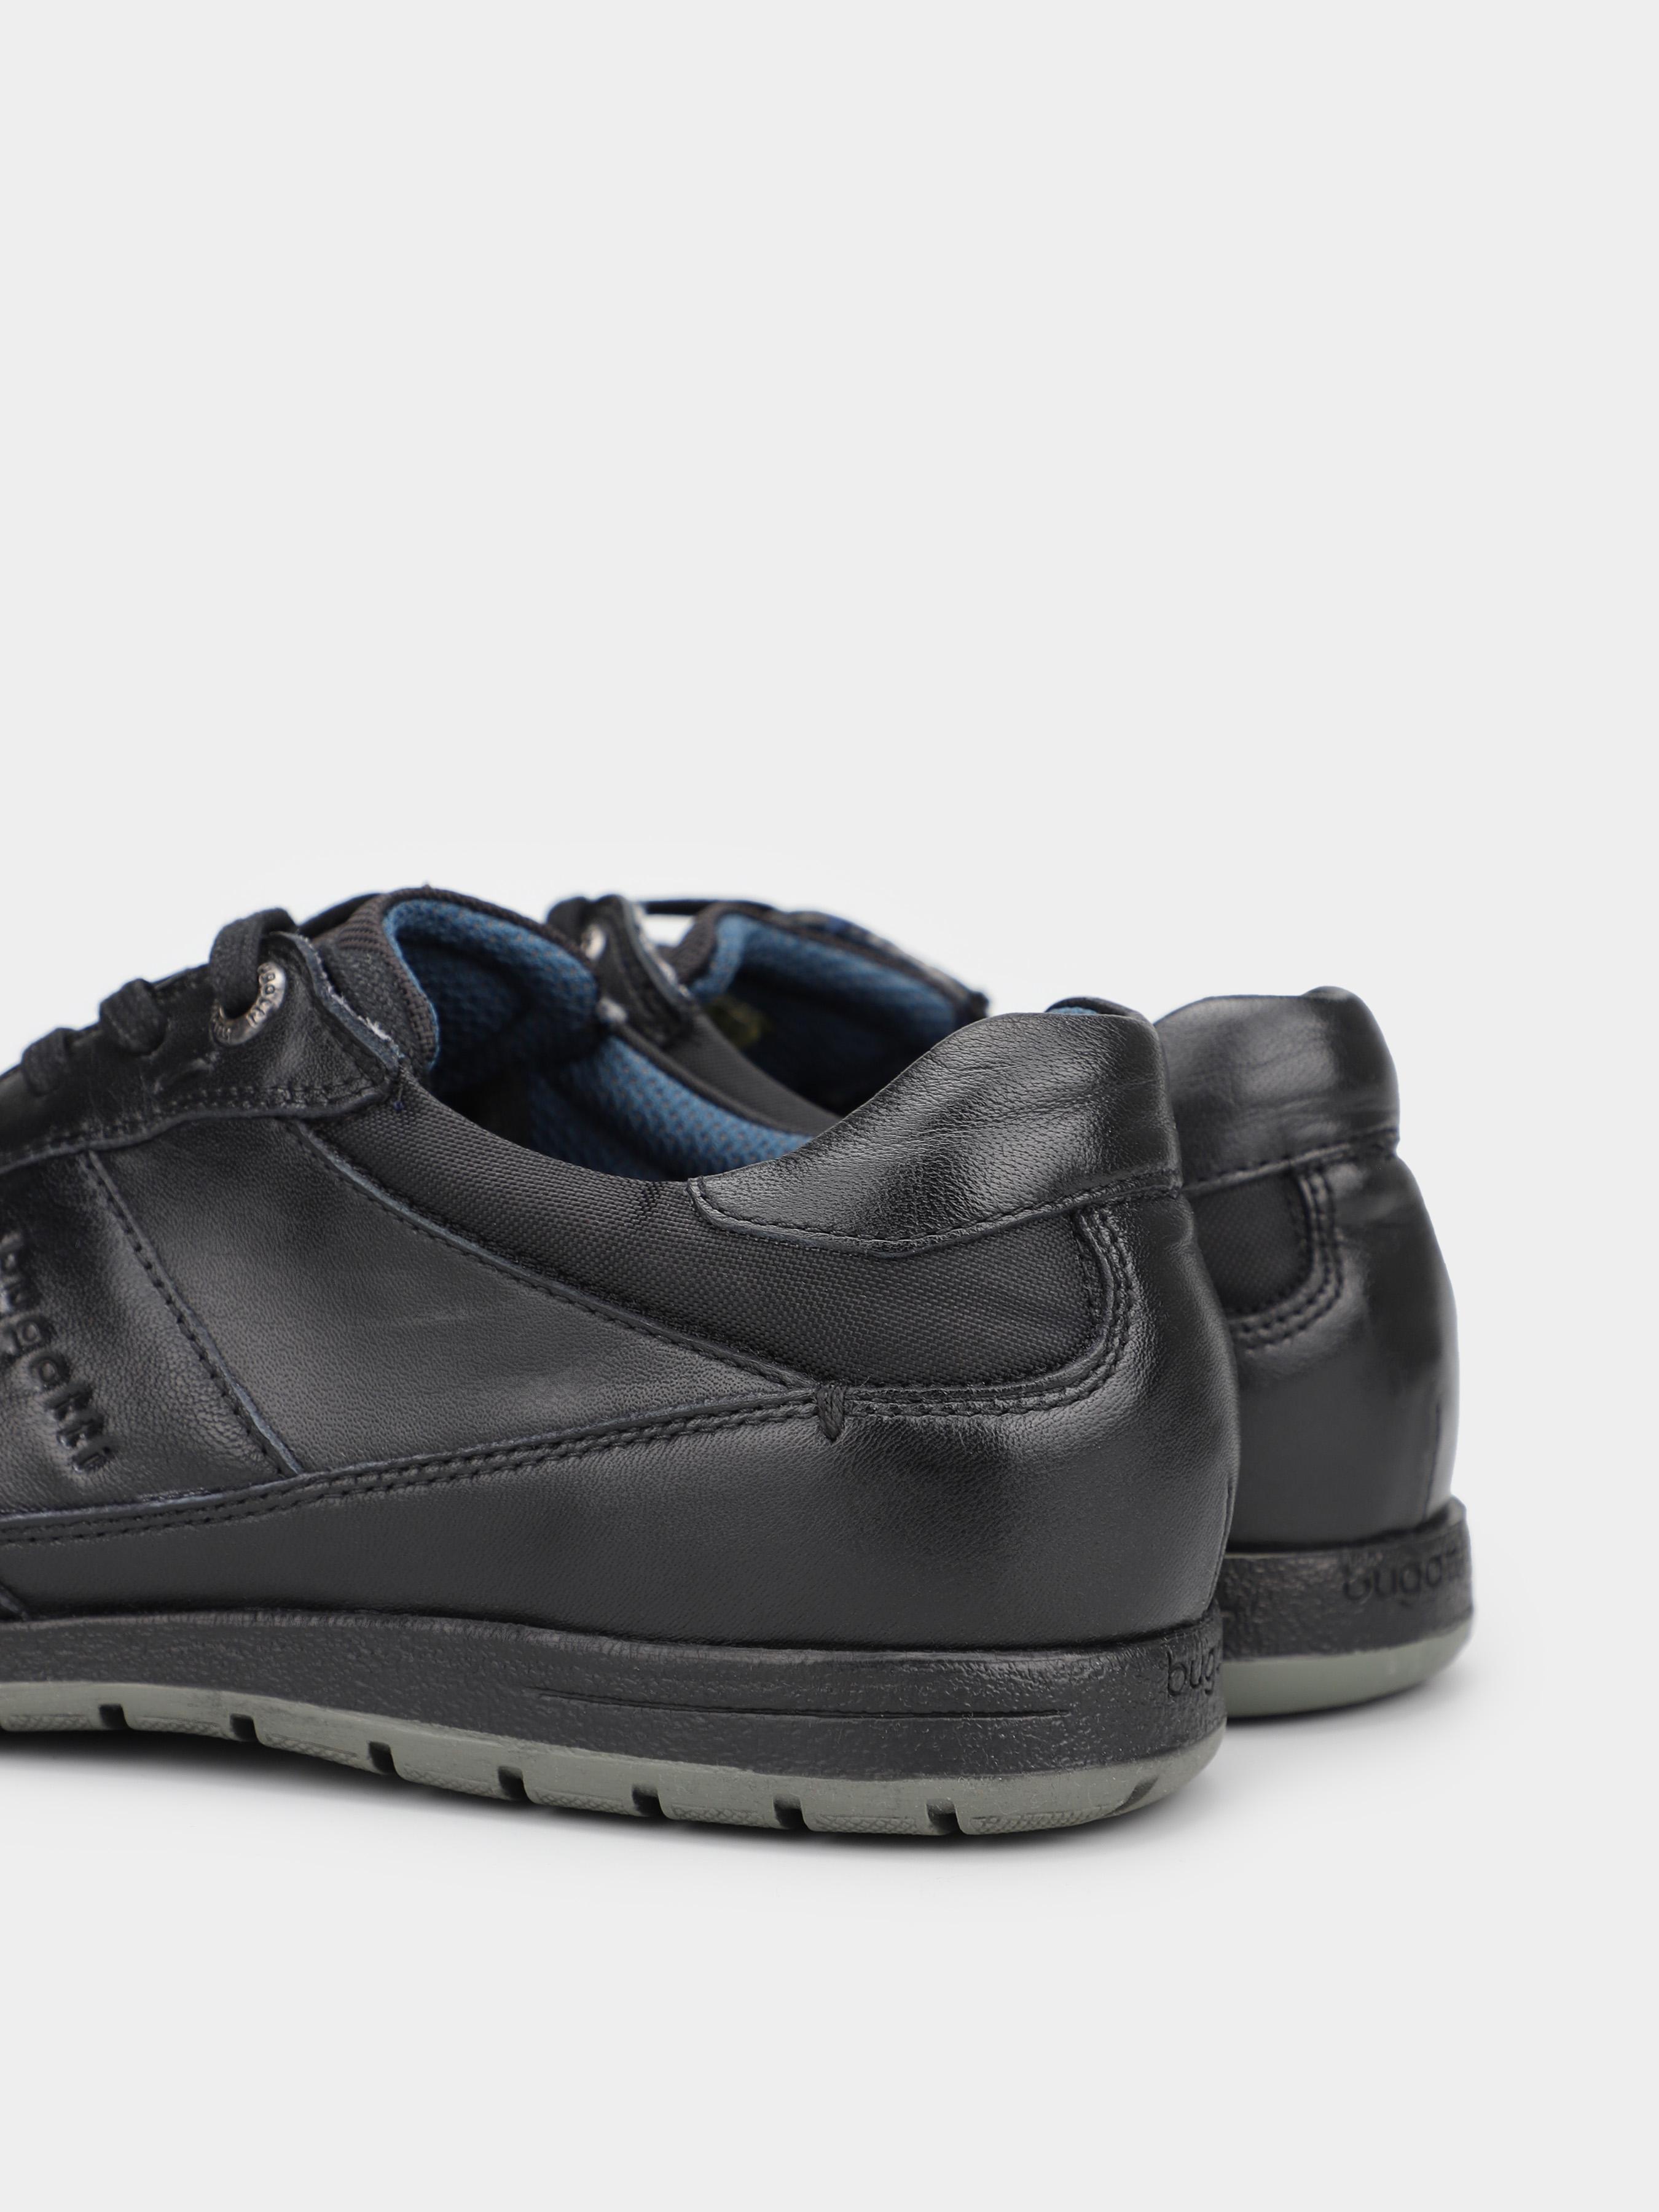 Полуботинки для мужчин Bugatti YD217 купить обувь, 2017